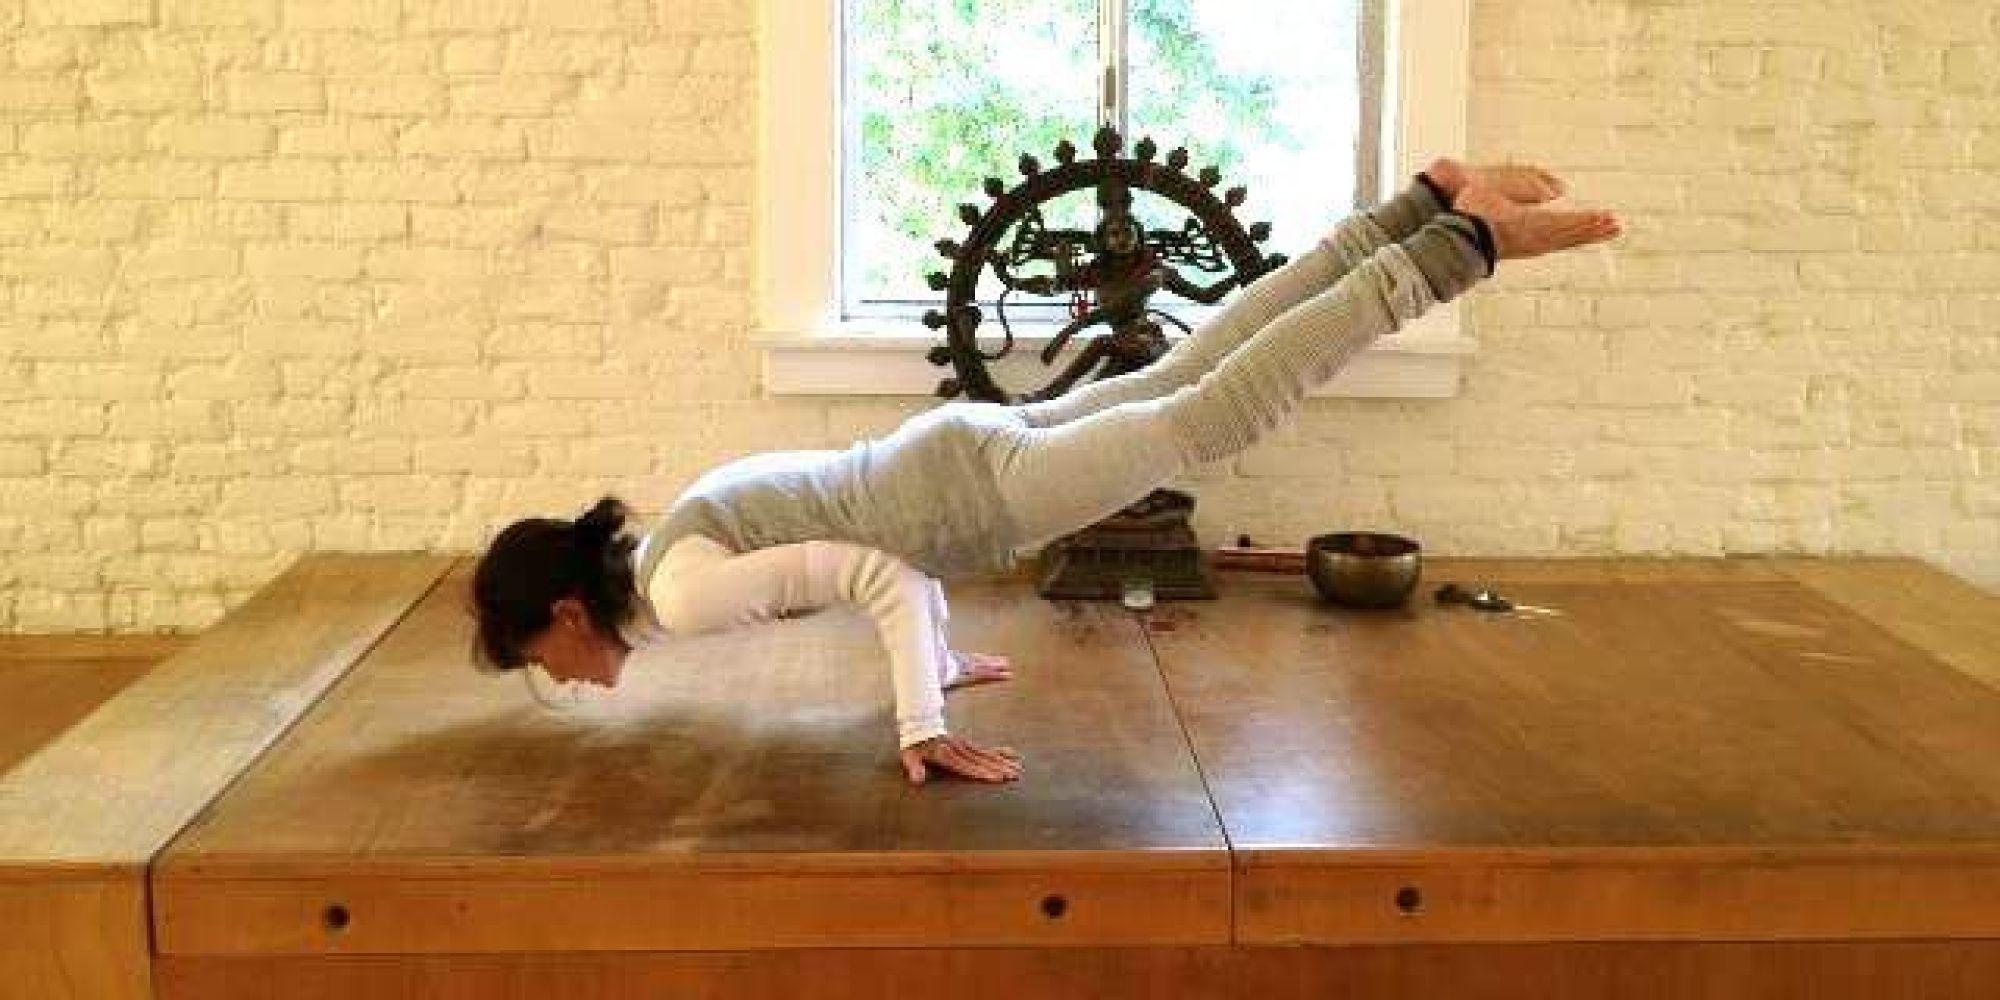 考一个瑜伽教练证书一般需要多少钱?